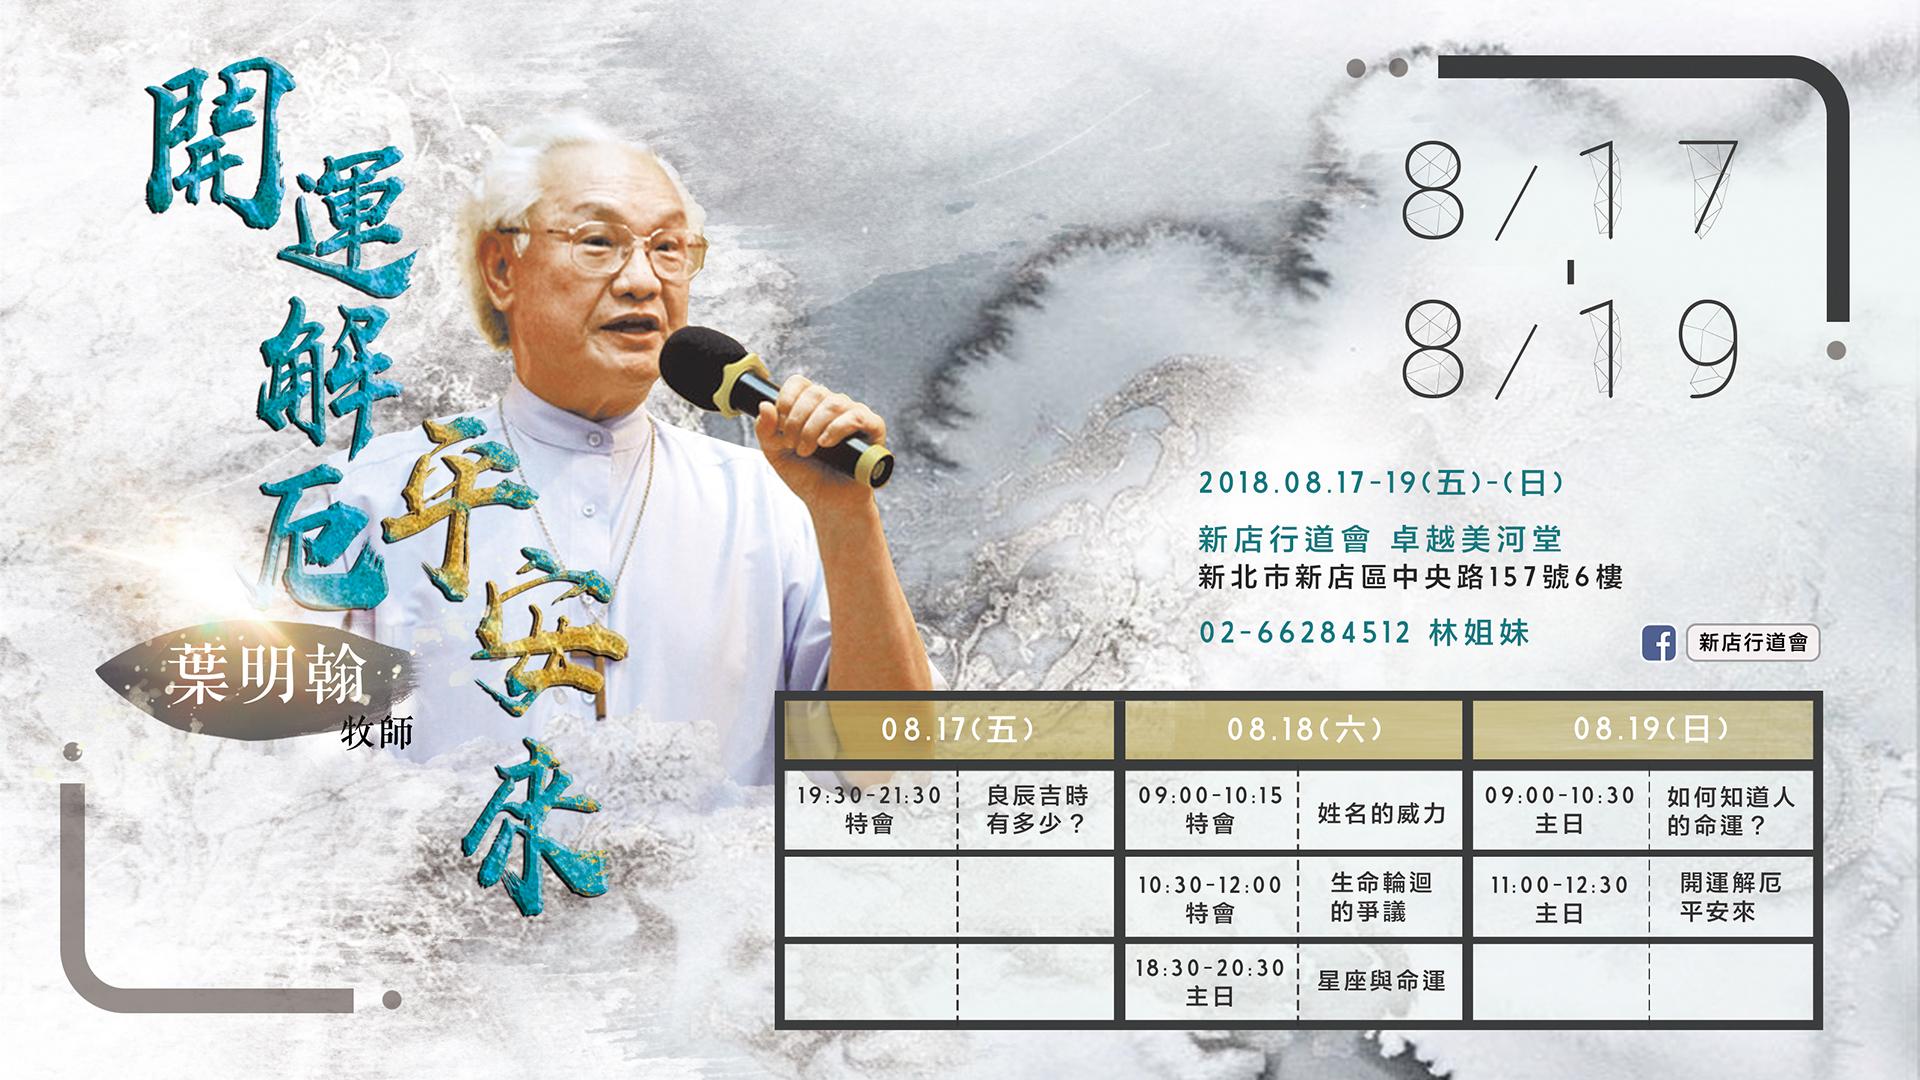 2018 開運解厄平安來-信息預購2.0